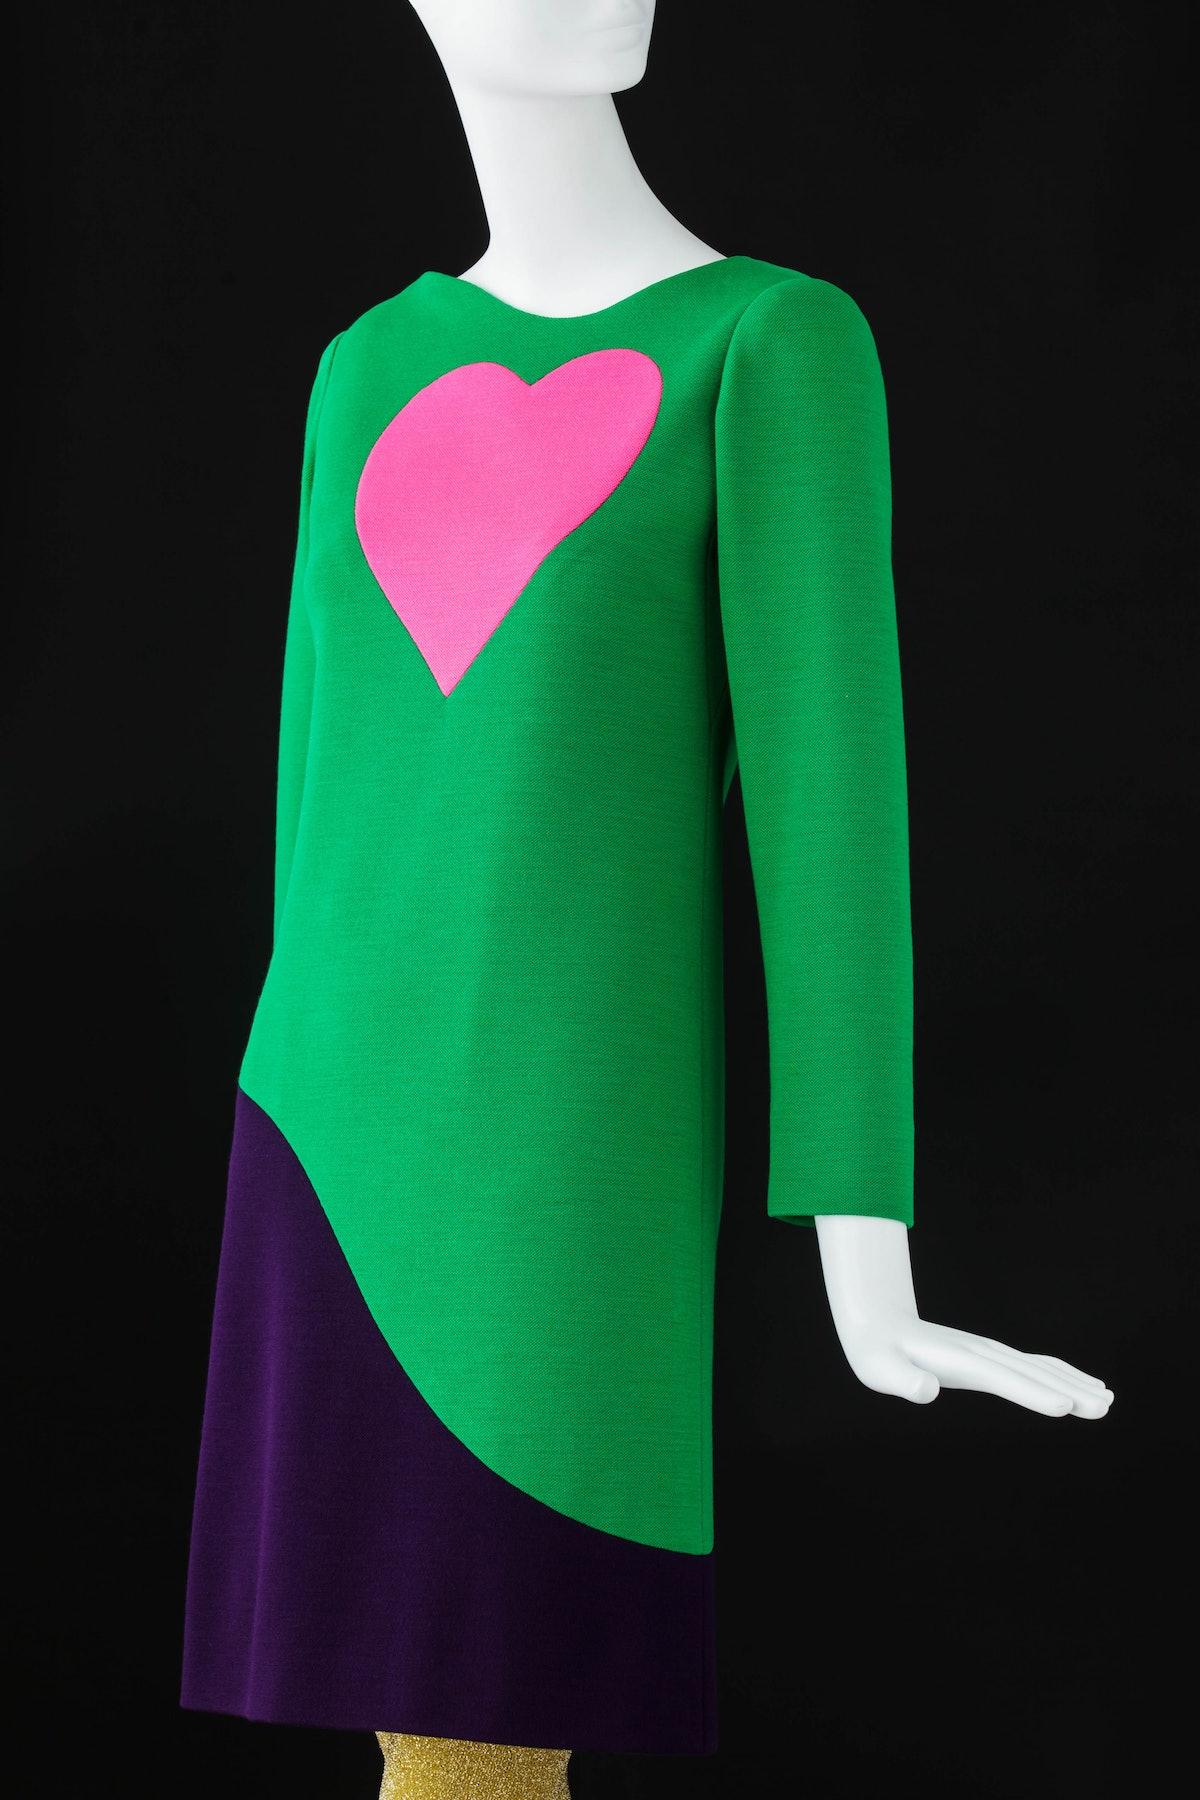 (4) Cocktail dress. Inspired by Pop Art ©Fondation Pierre Bergé – Yves Saint Laurent Sophie Carre